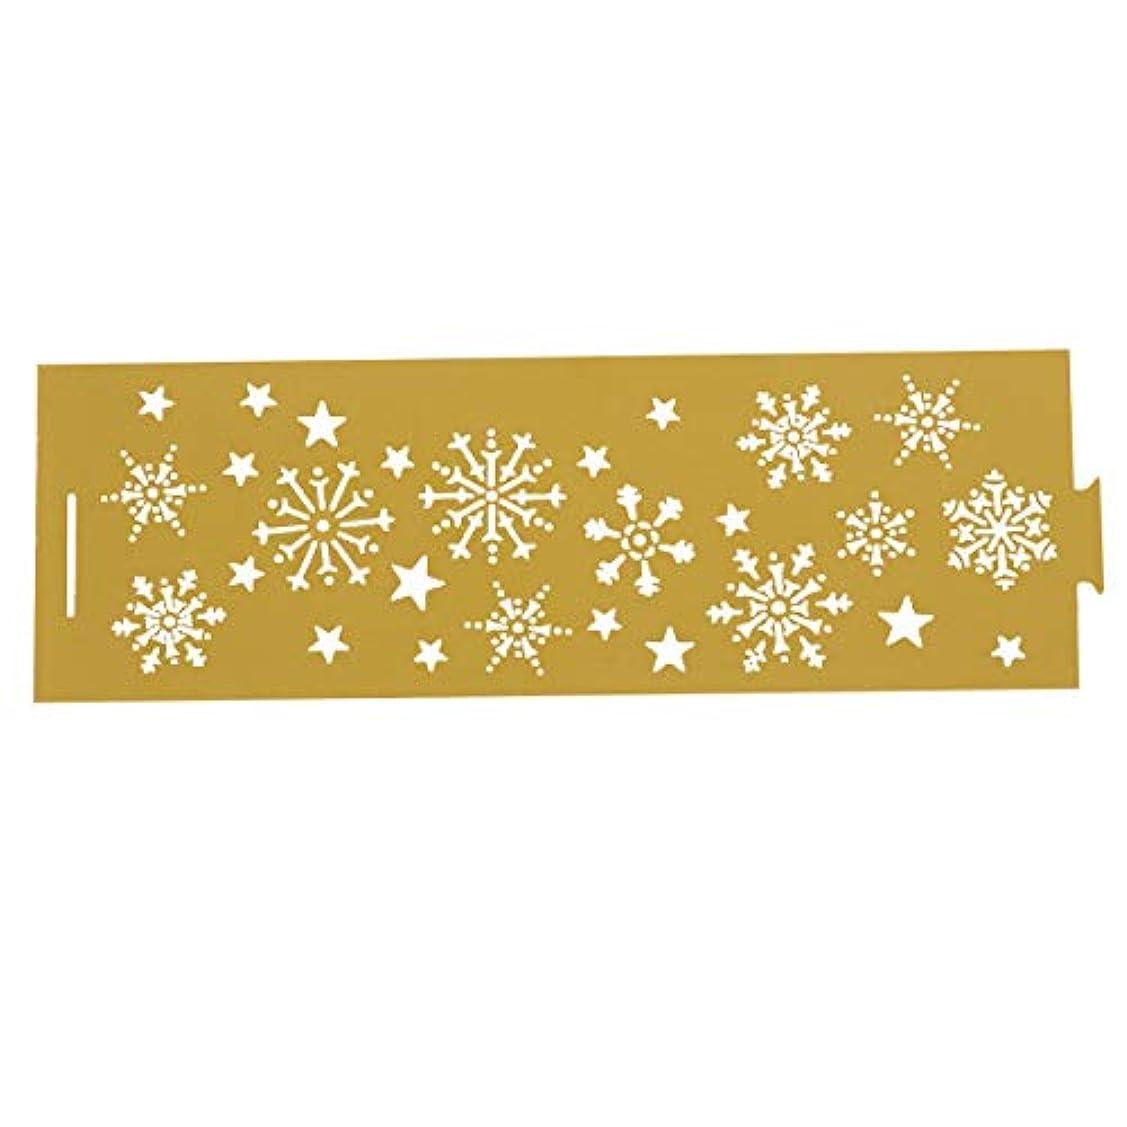 手荷物夕暮れ司教BESTONZON 50ピースled電子キャンドルラッパーライト中空キャンドルシェードカバーペーパーラッパーペーパーキャンドル装飾(ゴールデン)